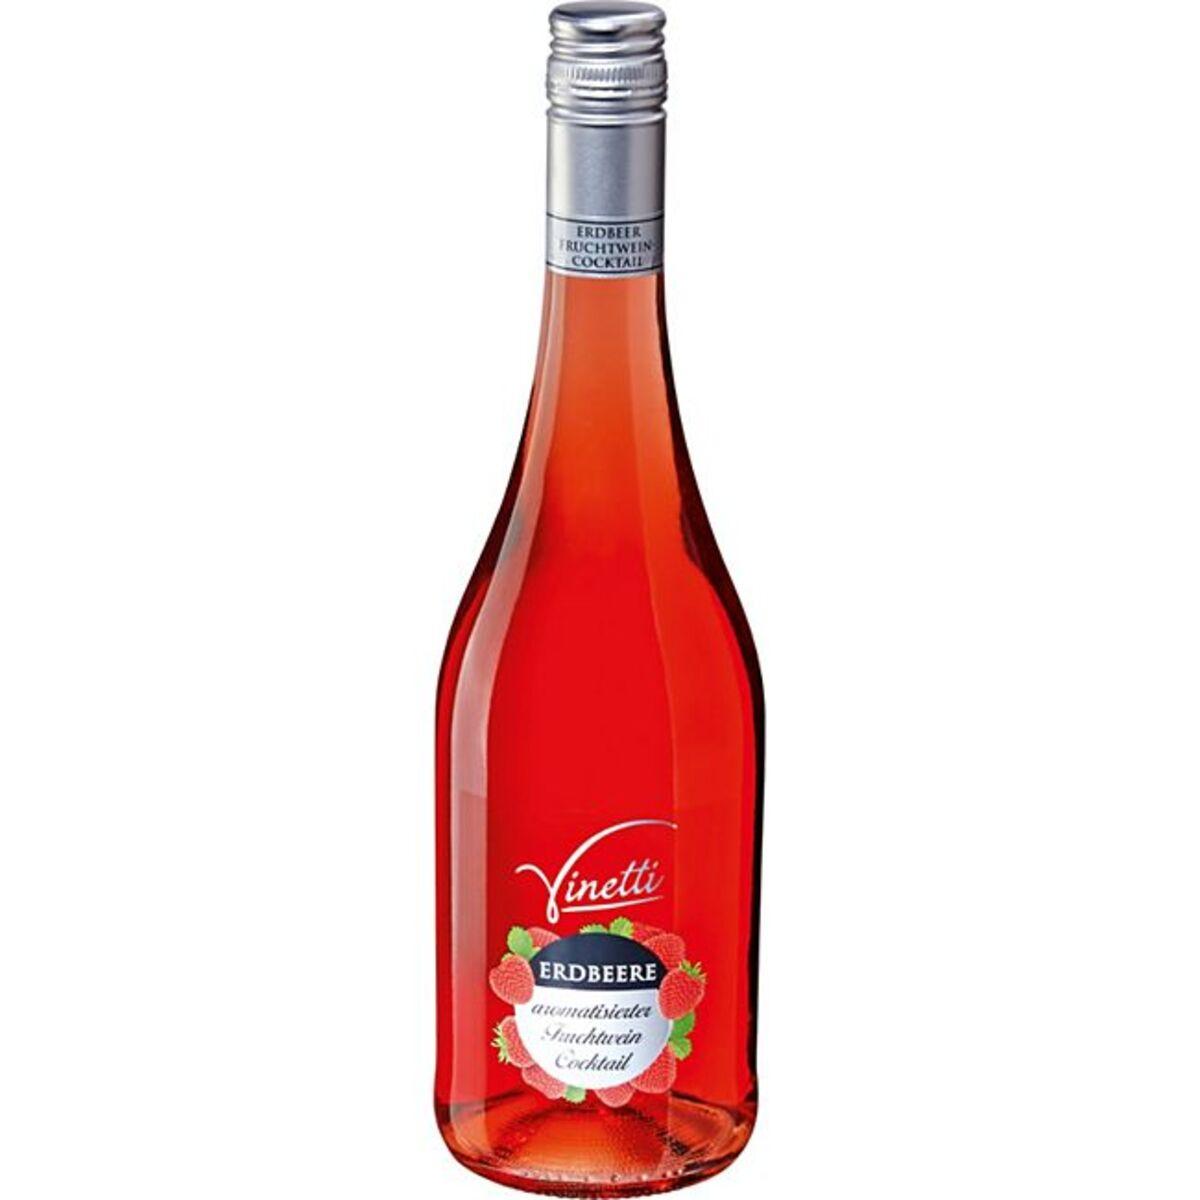 Bild 1 von Vinetti Erdbeere arom. Fruchtwein Cocktail 8,0 % vol 0,75 Liter